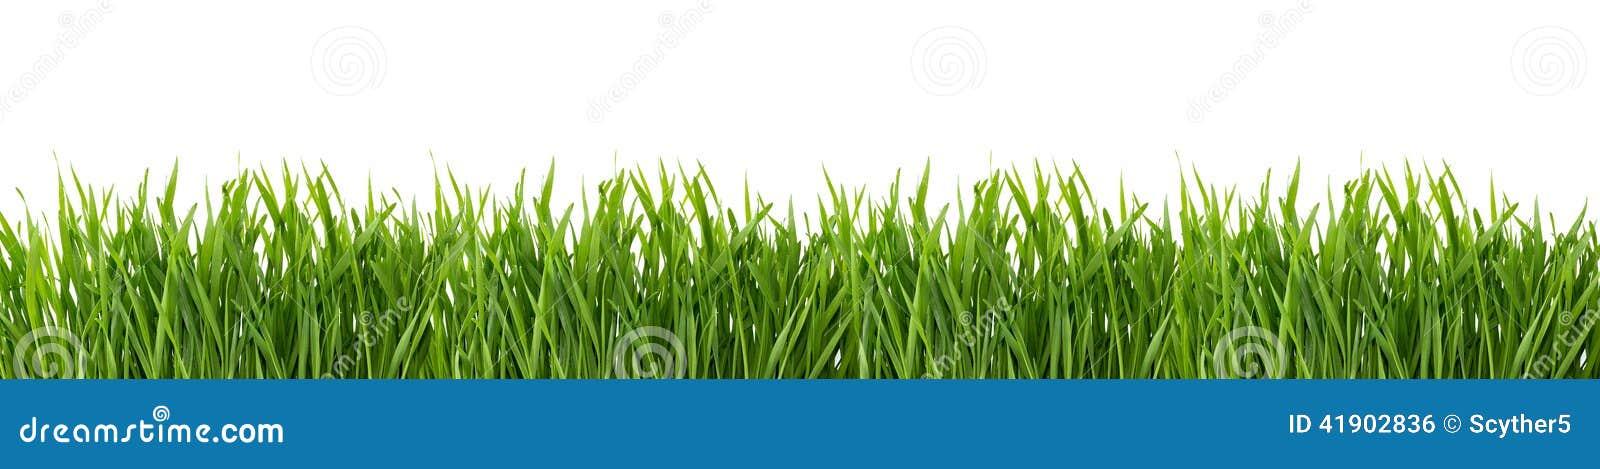 Groen gras dat op witte achtergrond wordt geïsoleerdg